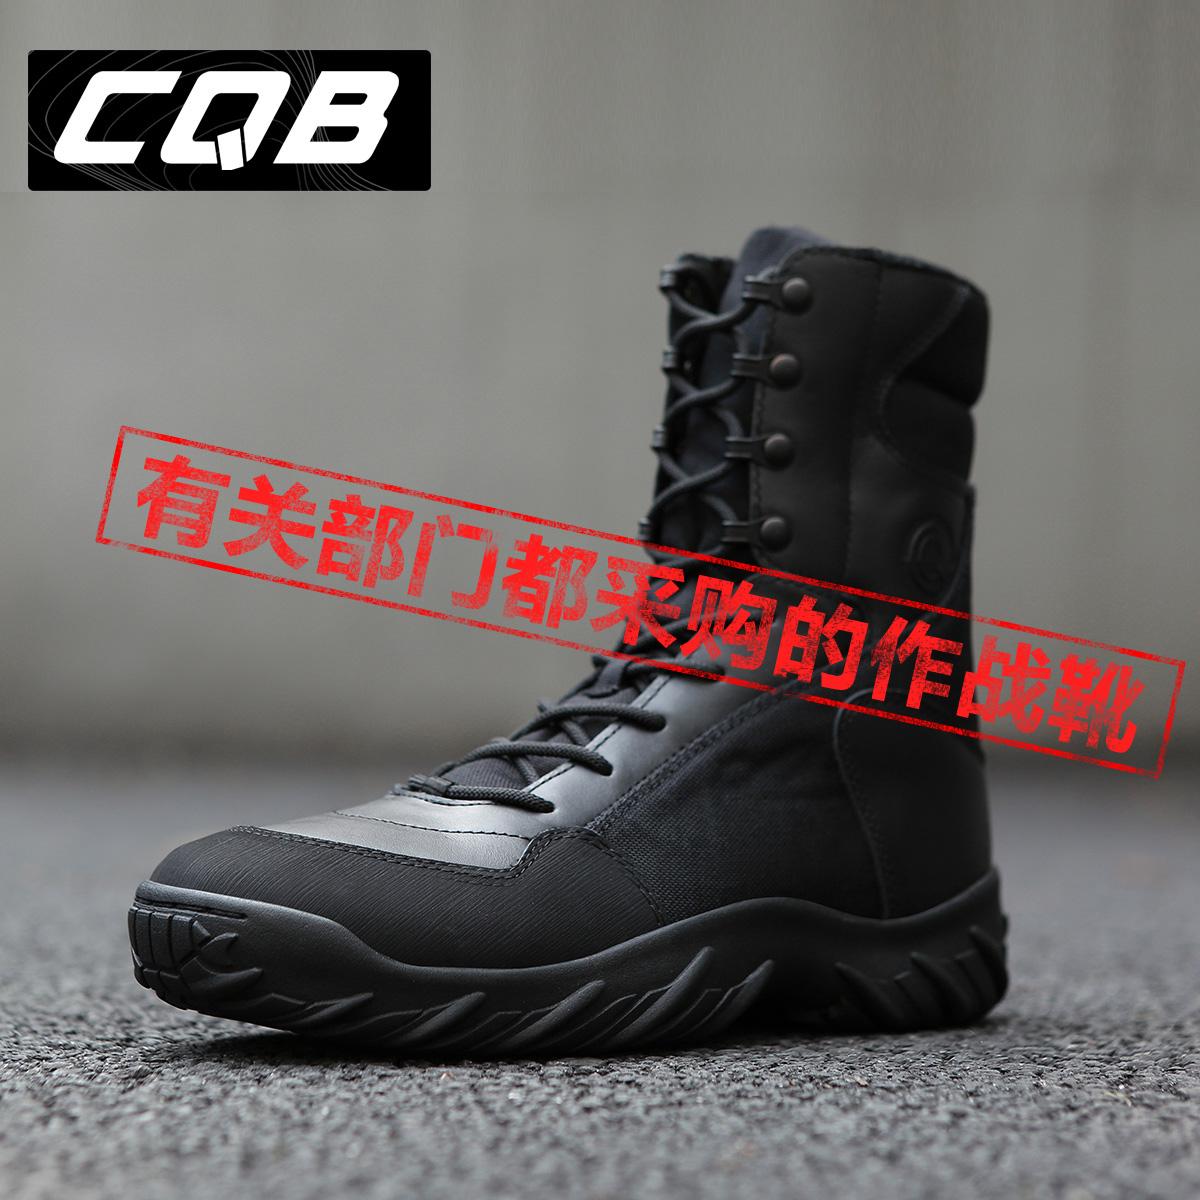 CQB正品作战靴511靴男女款高帮冬季保暖战术靴陆战靴特勤靴工装靴